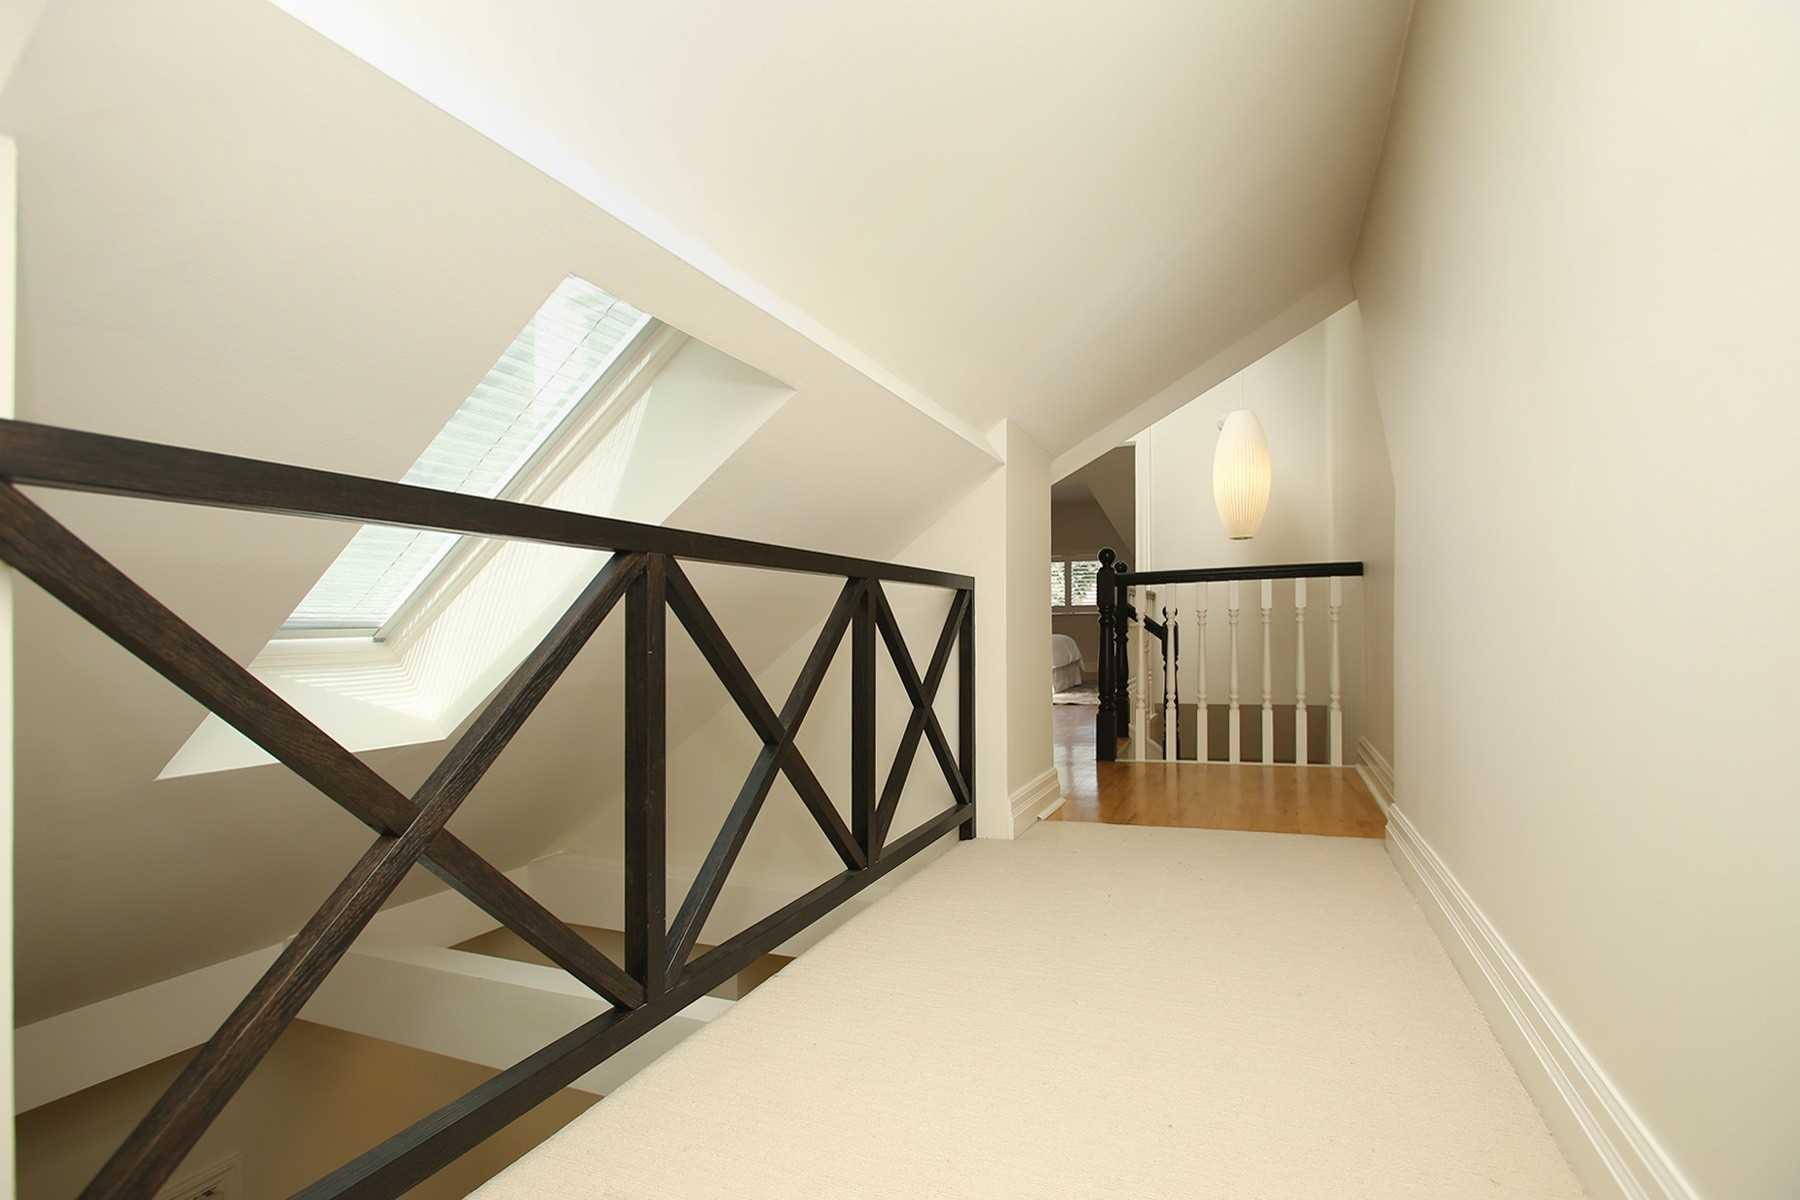 401 Wellesley St, Toronto, Ontario M4X 1H5, 3 Bedrooms Bedrooms, 8 Rooms Rooms,4 BathroomsBathrooms,Semi-detached,For Sale,Wellesley,C5364519